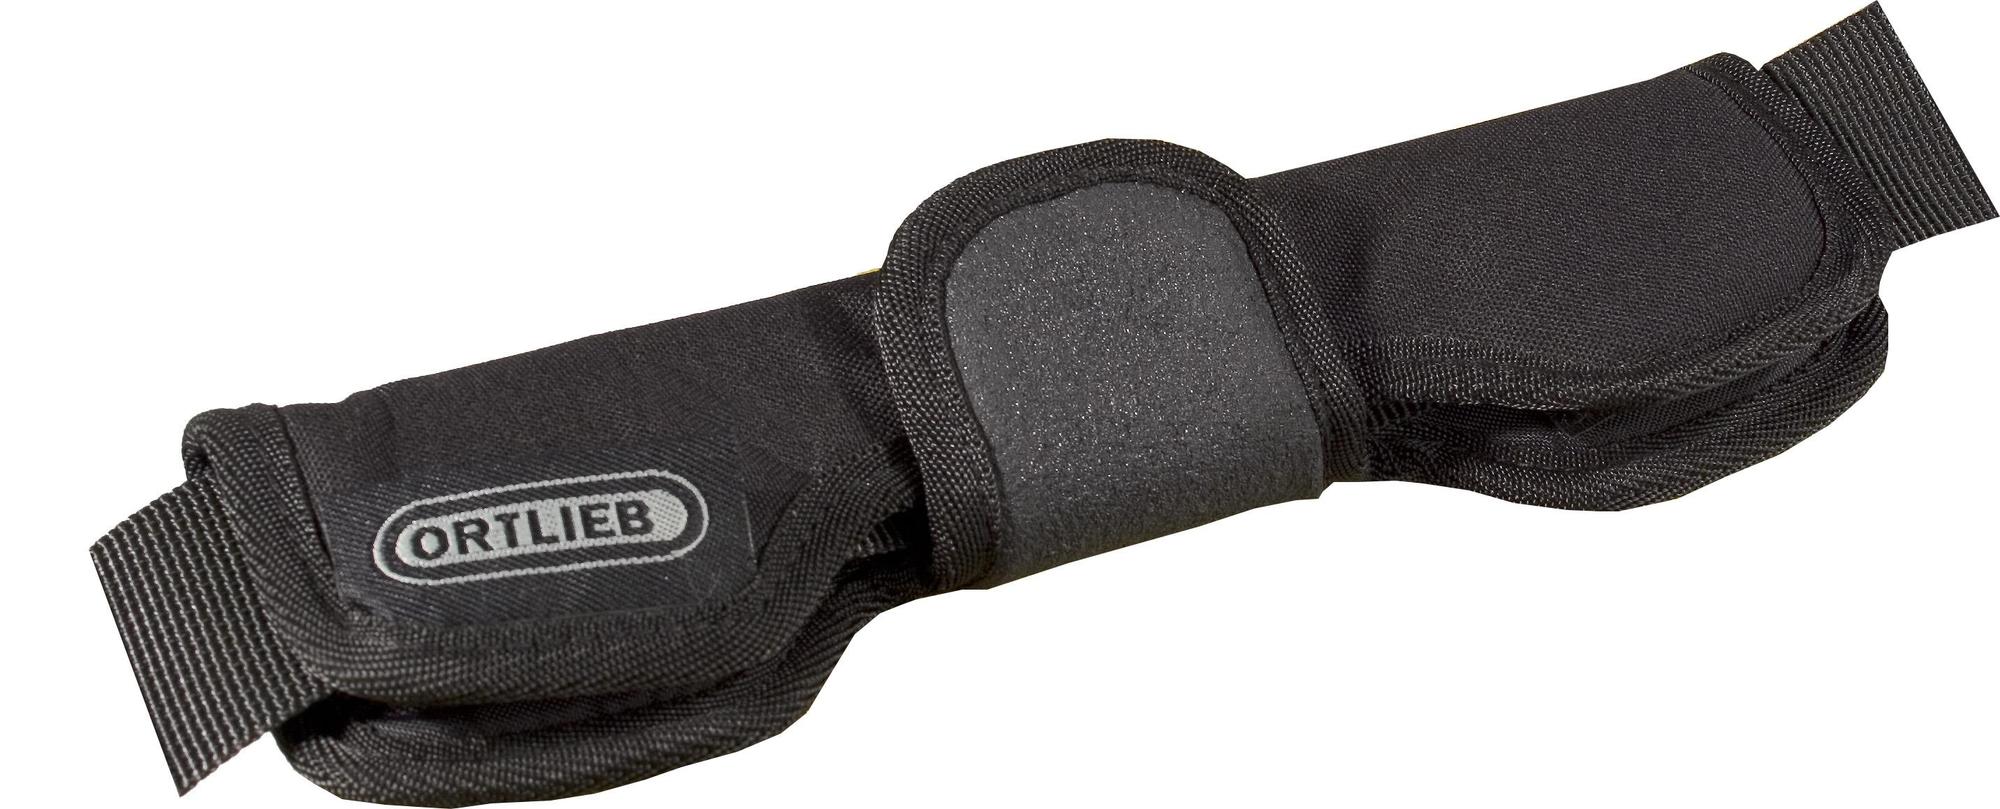 Ortlieb Schulterpolster für alle Trage-und Umhänggurte bis 50 mm